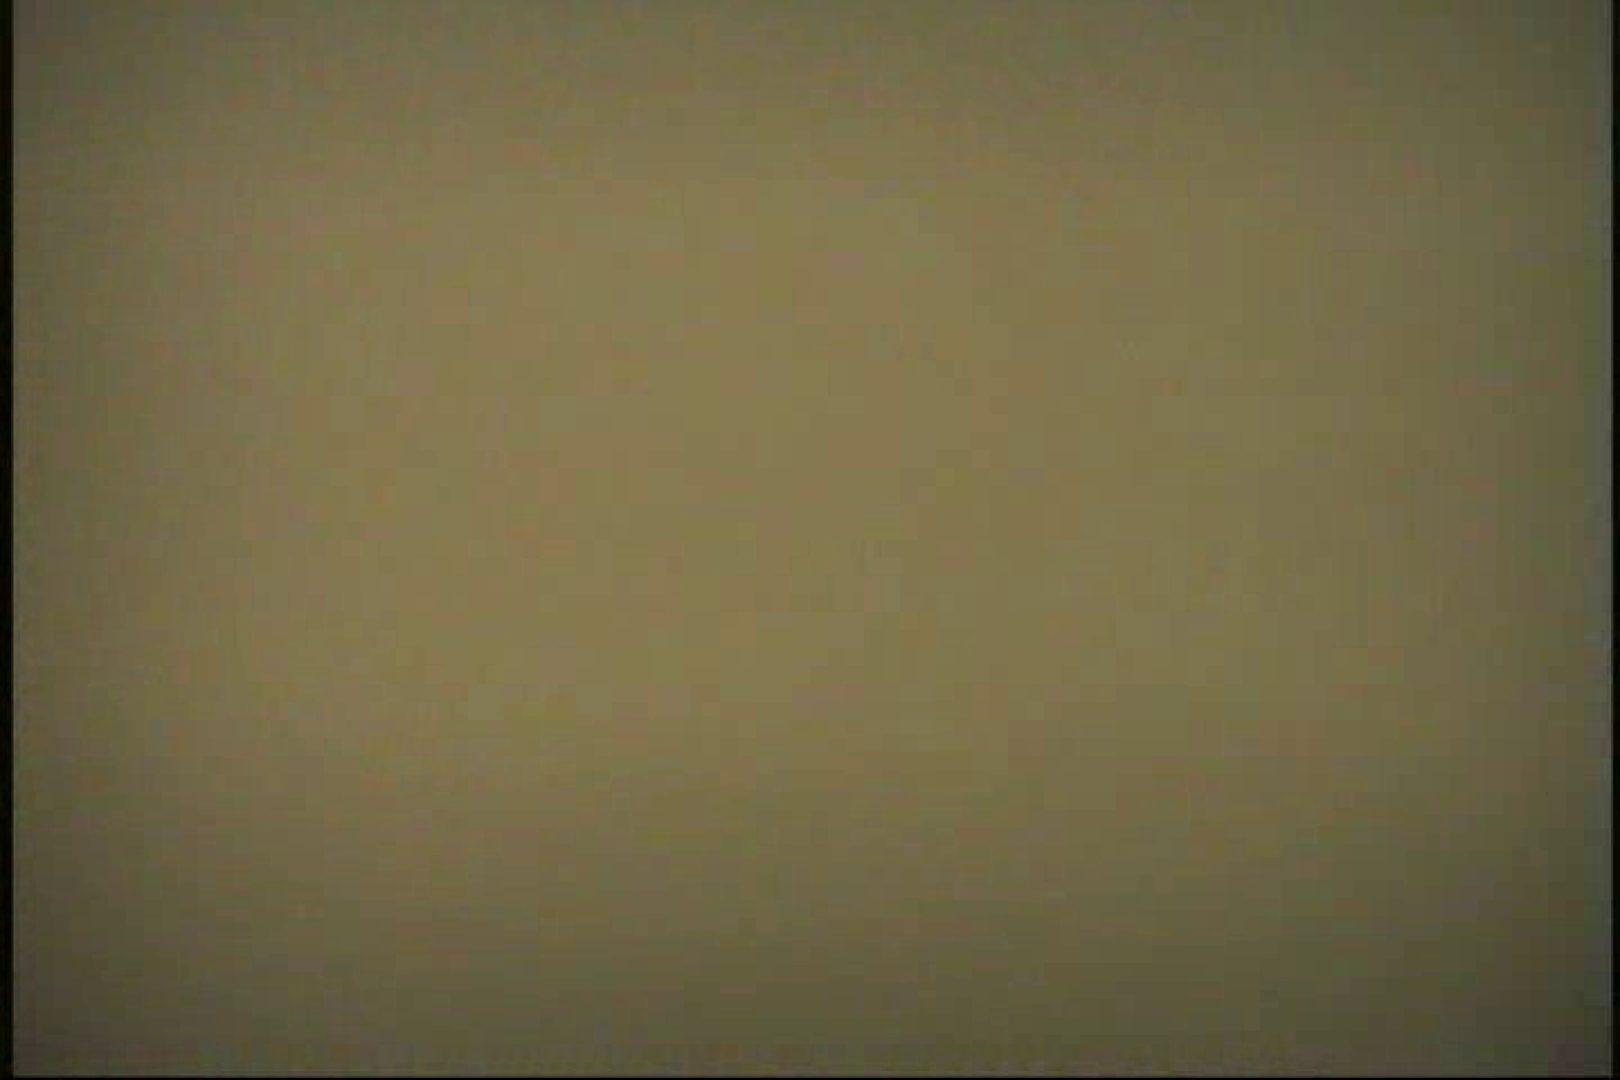 いっくんの調教シリーズ「未亡人みずほ27歳市役所職員」Vol.7 ローター セックス画像 52PIX 29